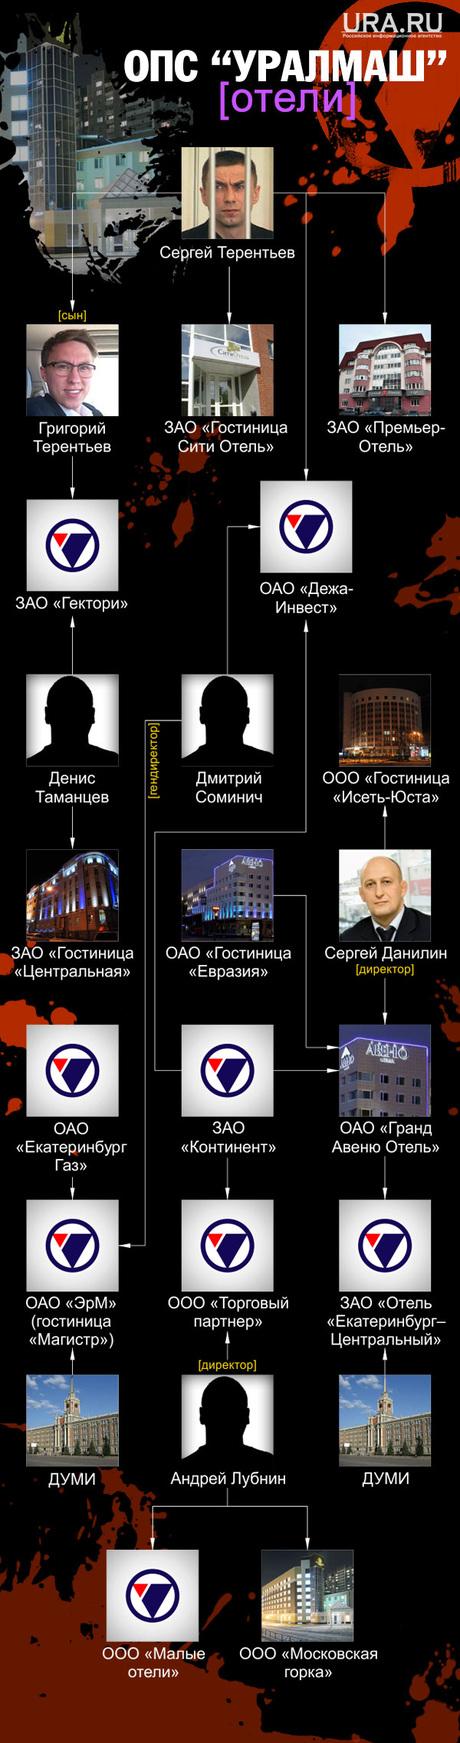 Отели ОПГ Уралмаш